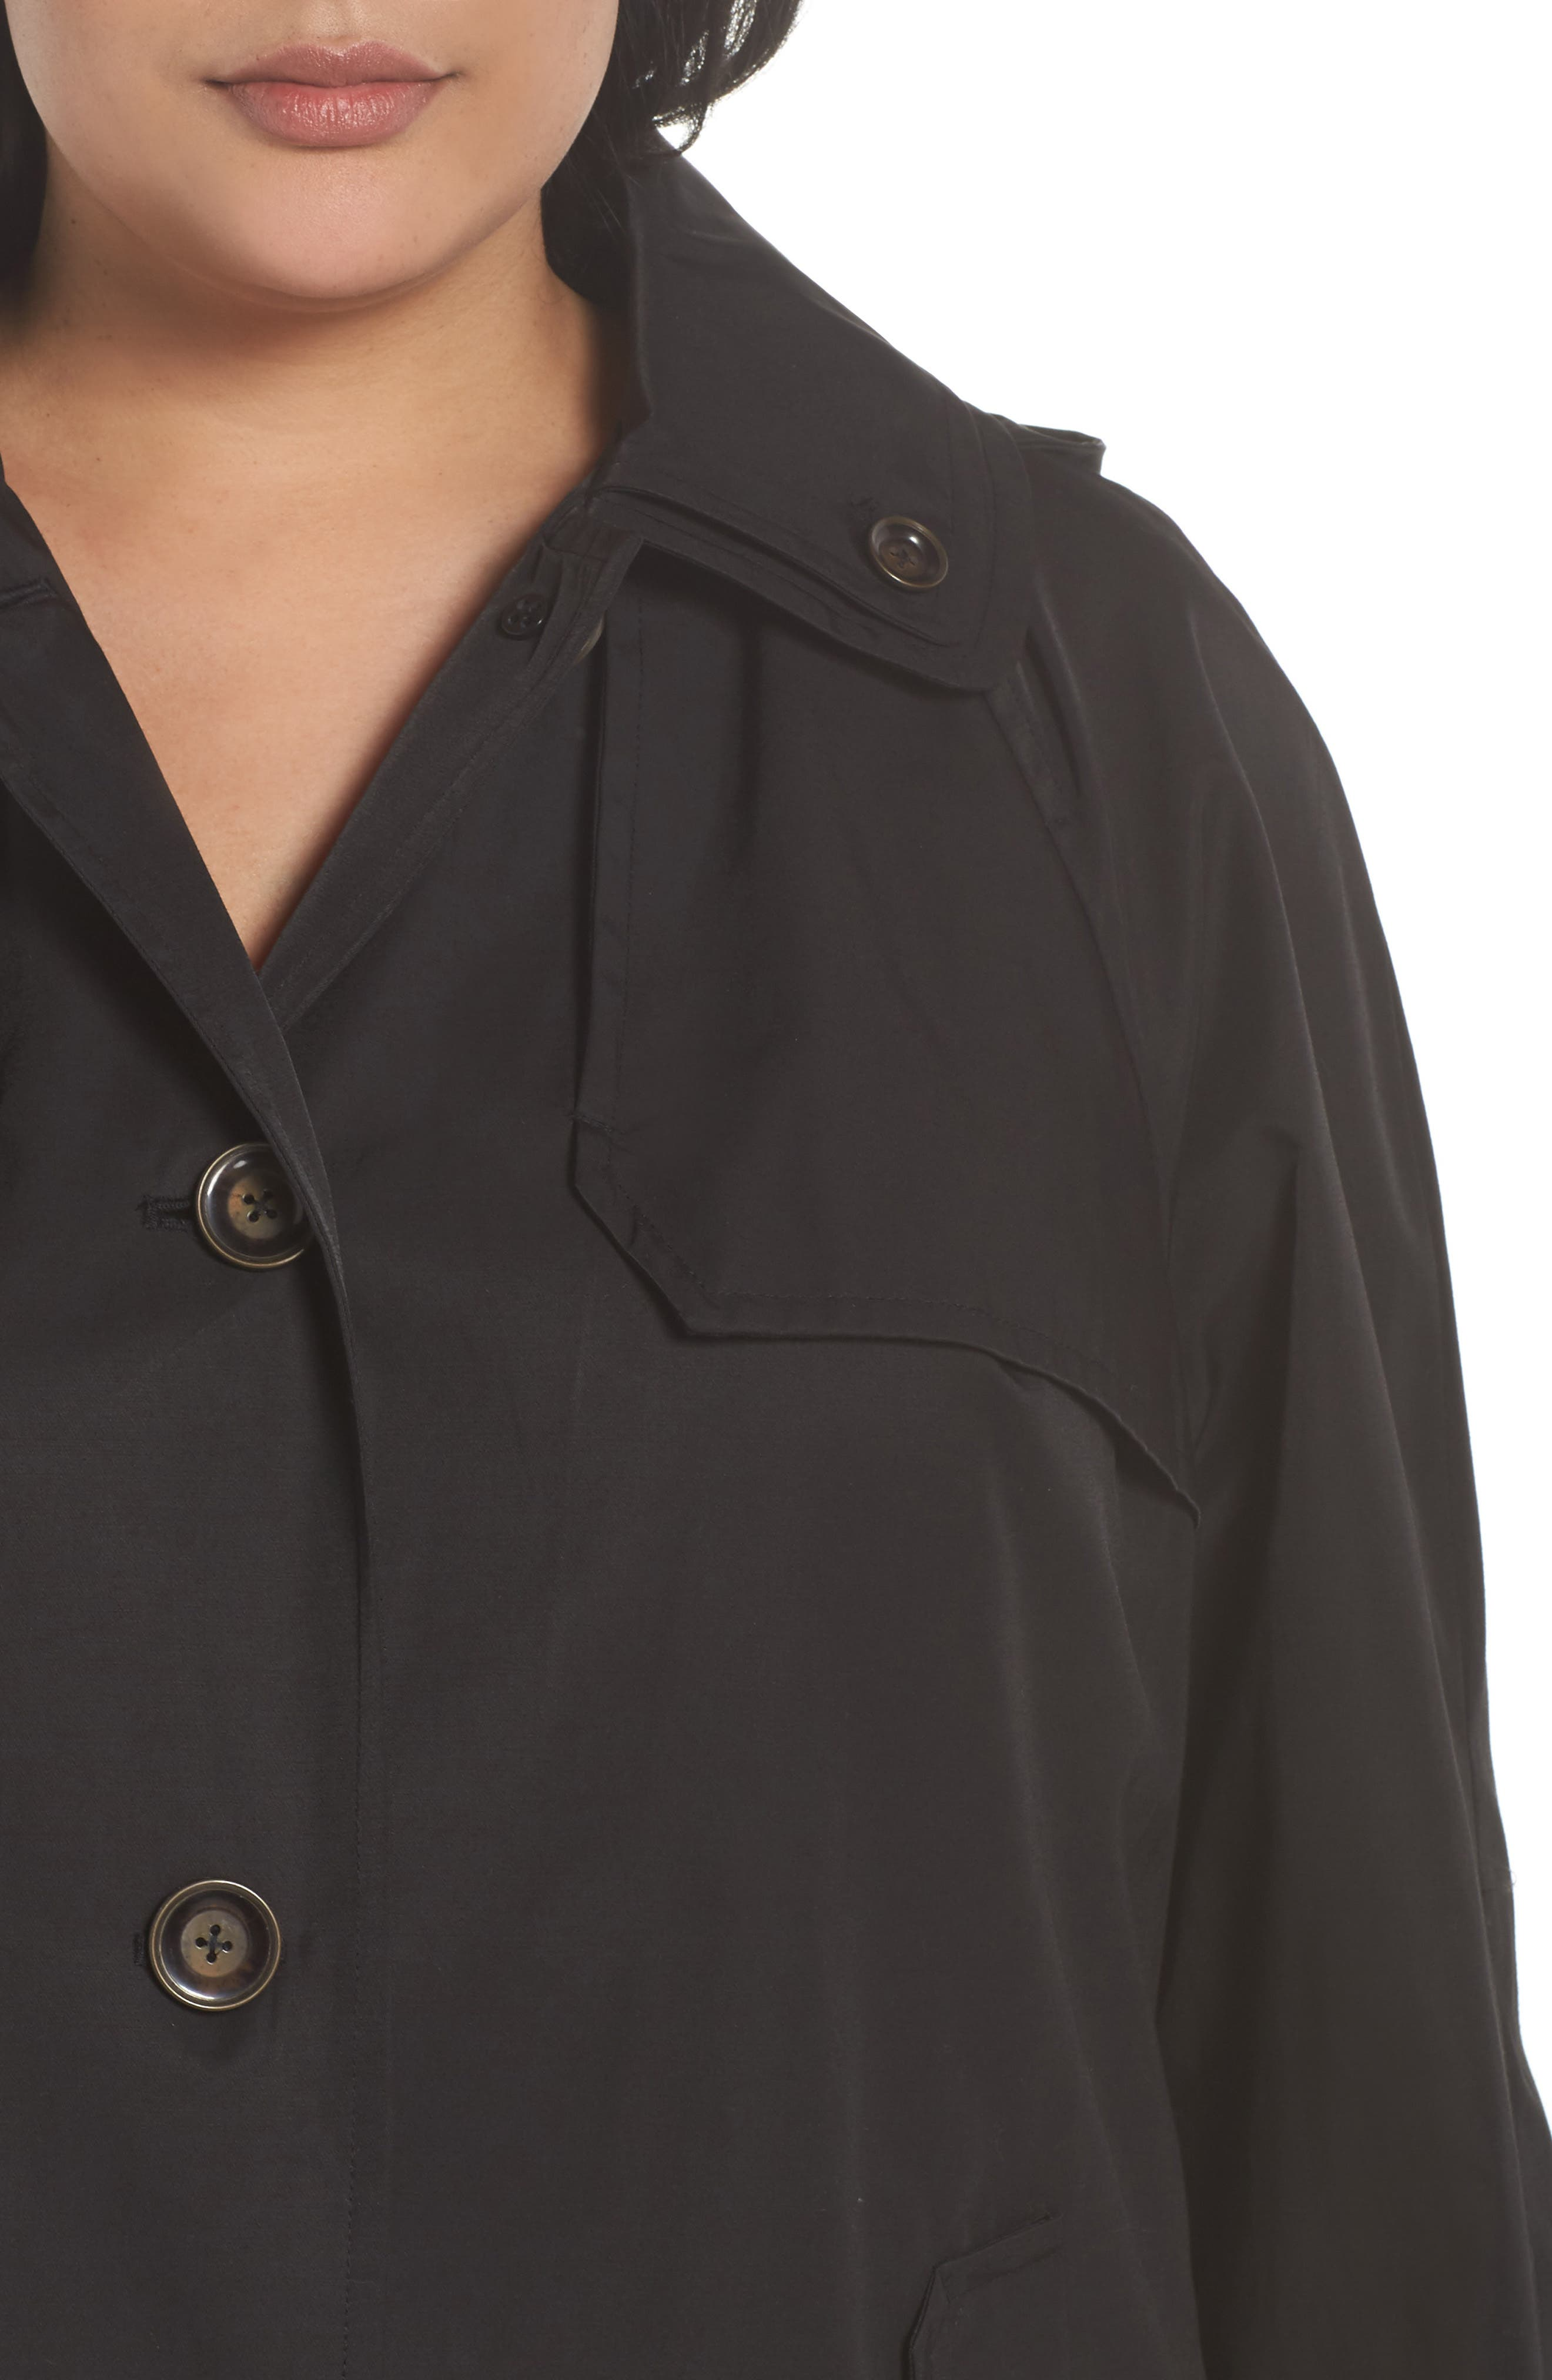 Removable Hood Rain Jacket,                             Alternate thumbnail 4, color,                             001